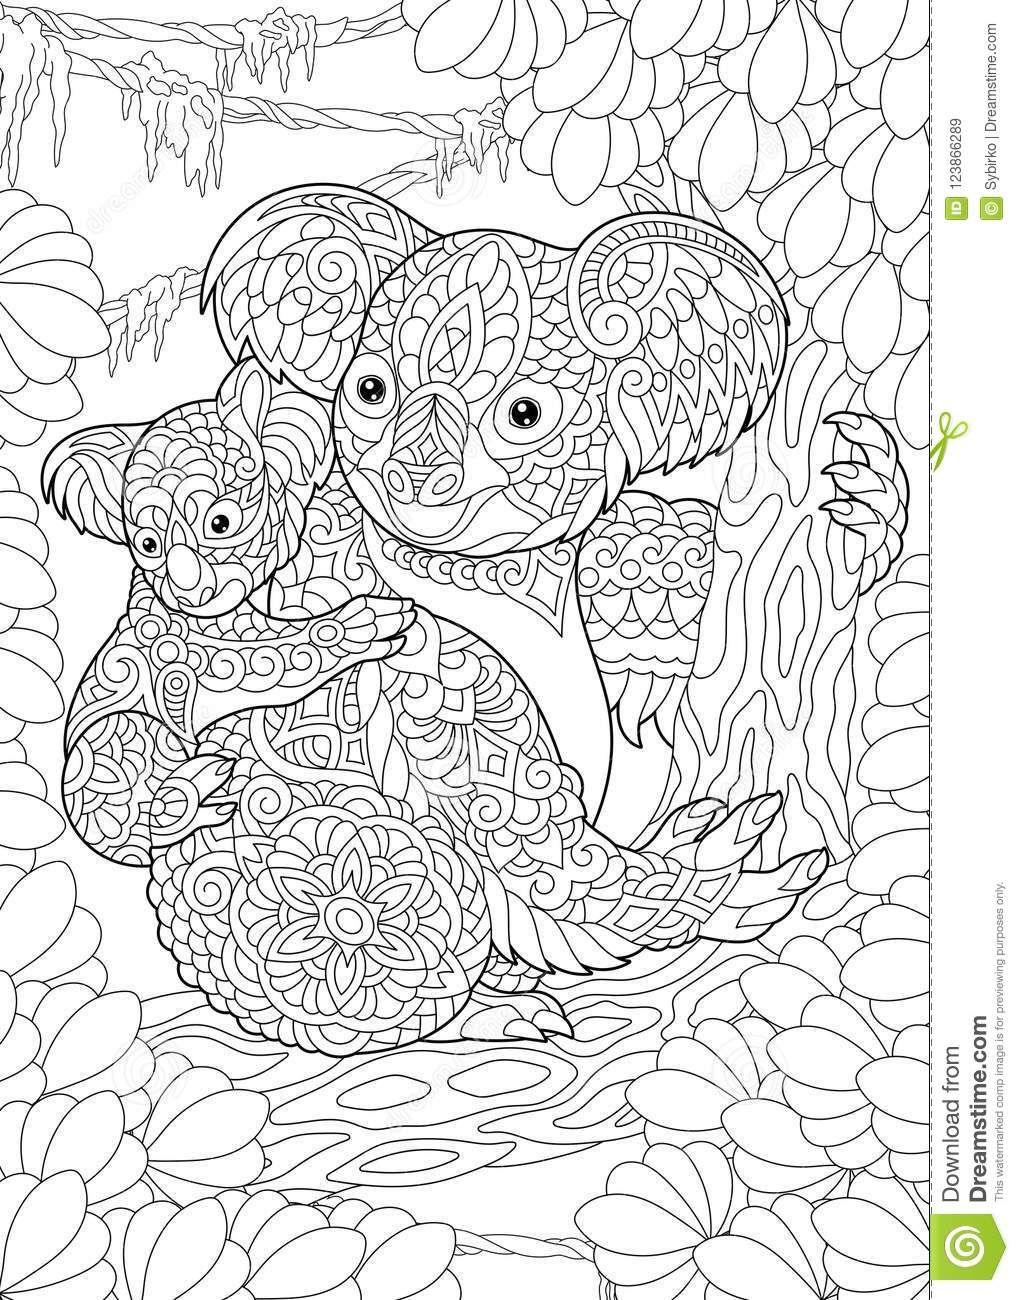 Pin Von Interest2016 Auf Coloring Bear Malvorlagen Tiere Mandala Malvorlagen Mandala Zum Ausdrucken